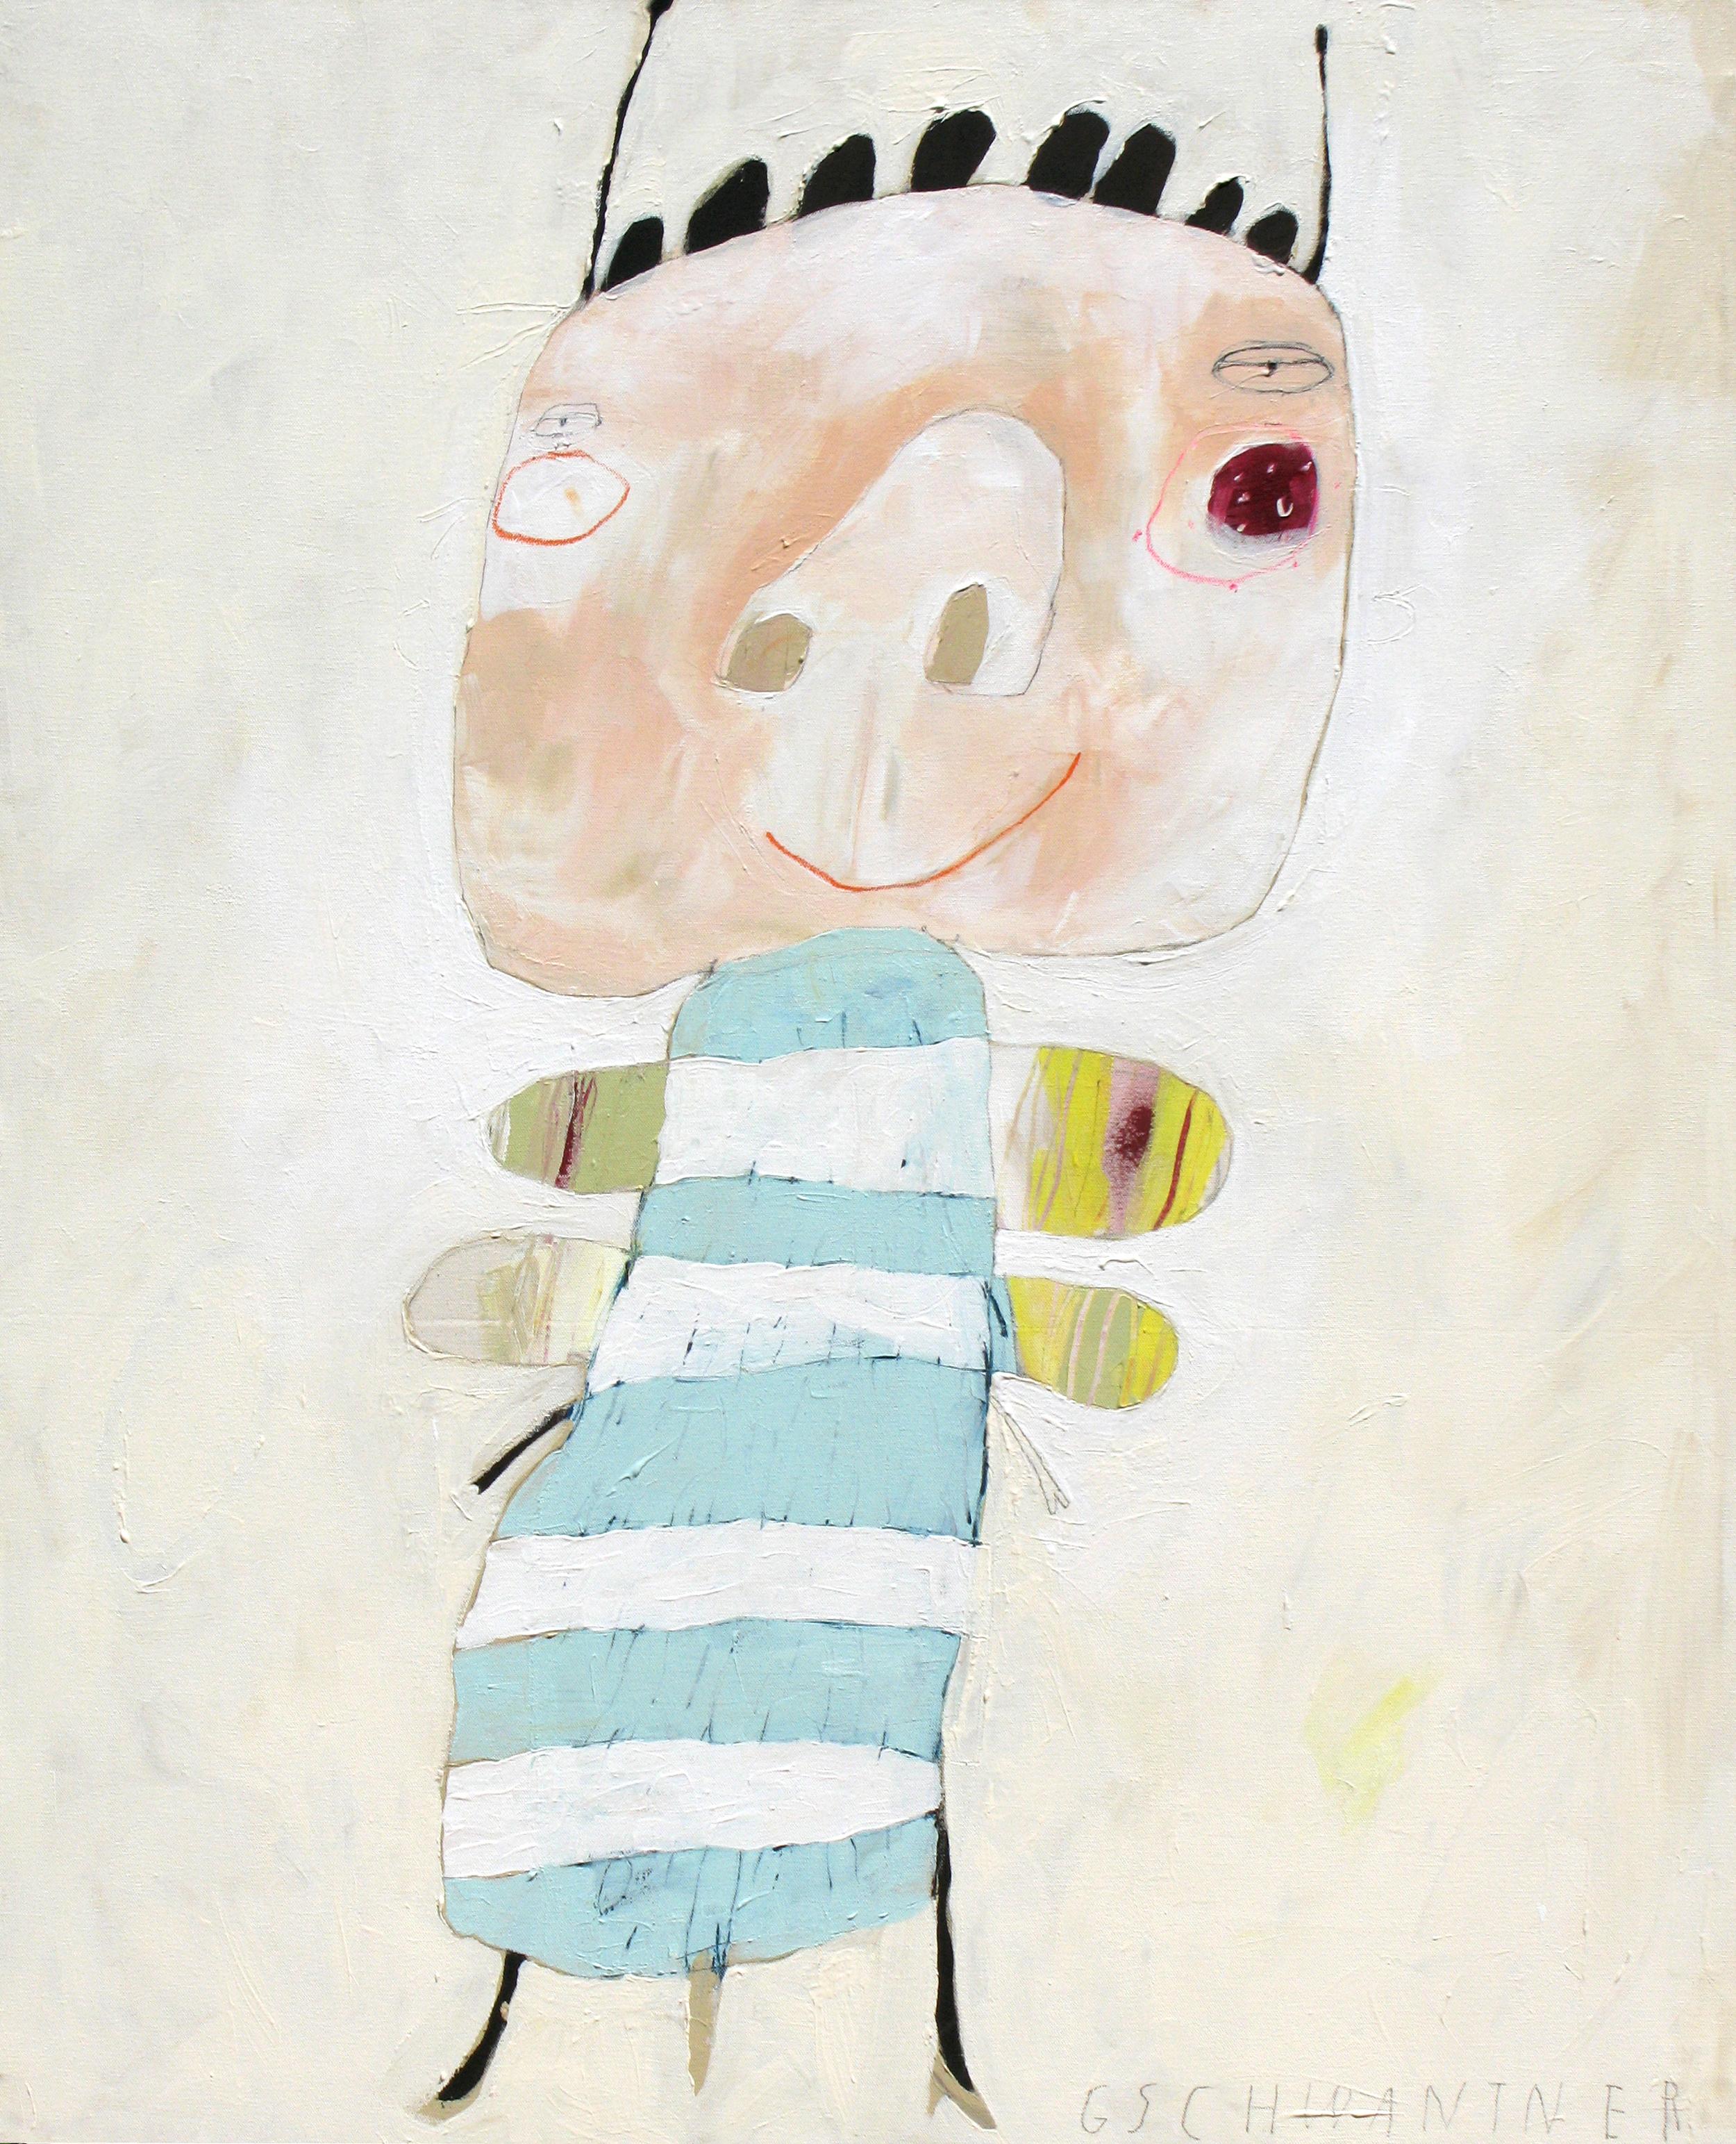 Blaues Herzwesen, 2008, 103 x 133